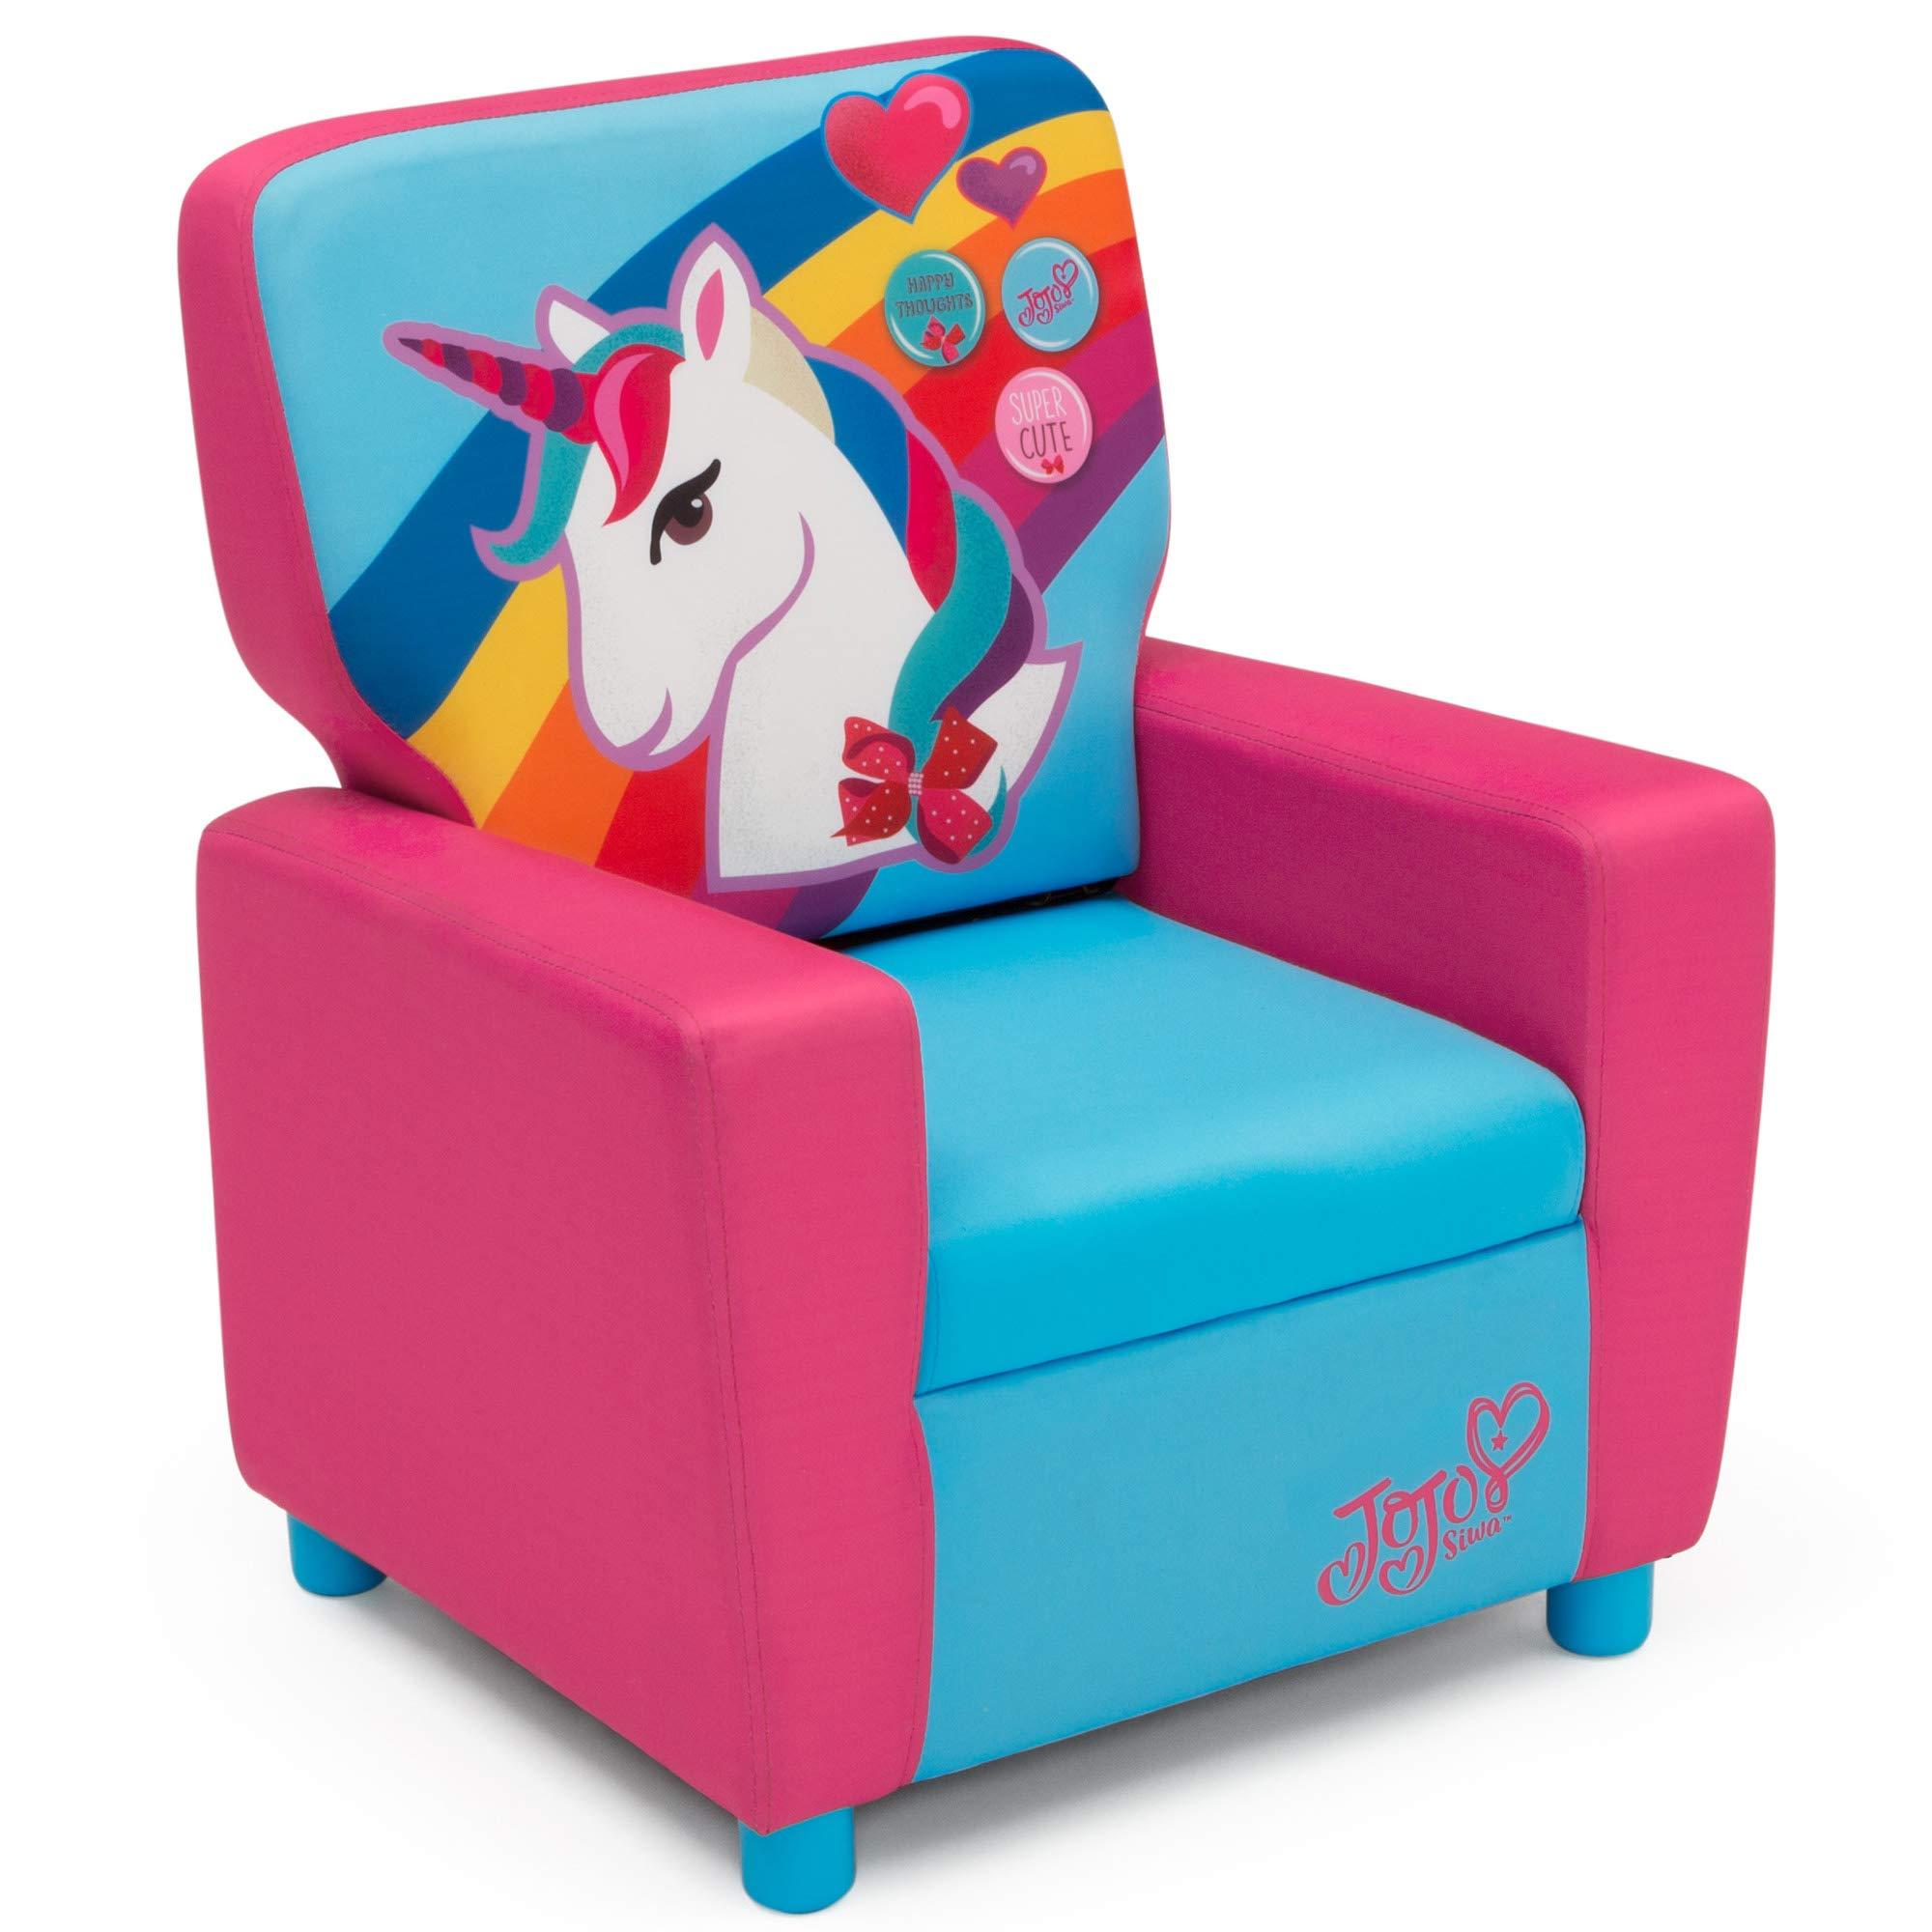 Delta Children High Back Upholstered Chair, JoJo Siwa by Delta Children